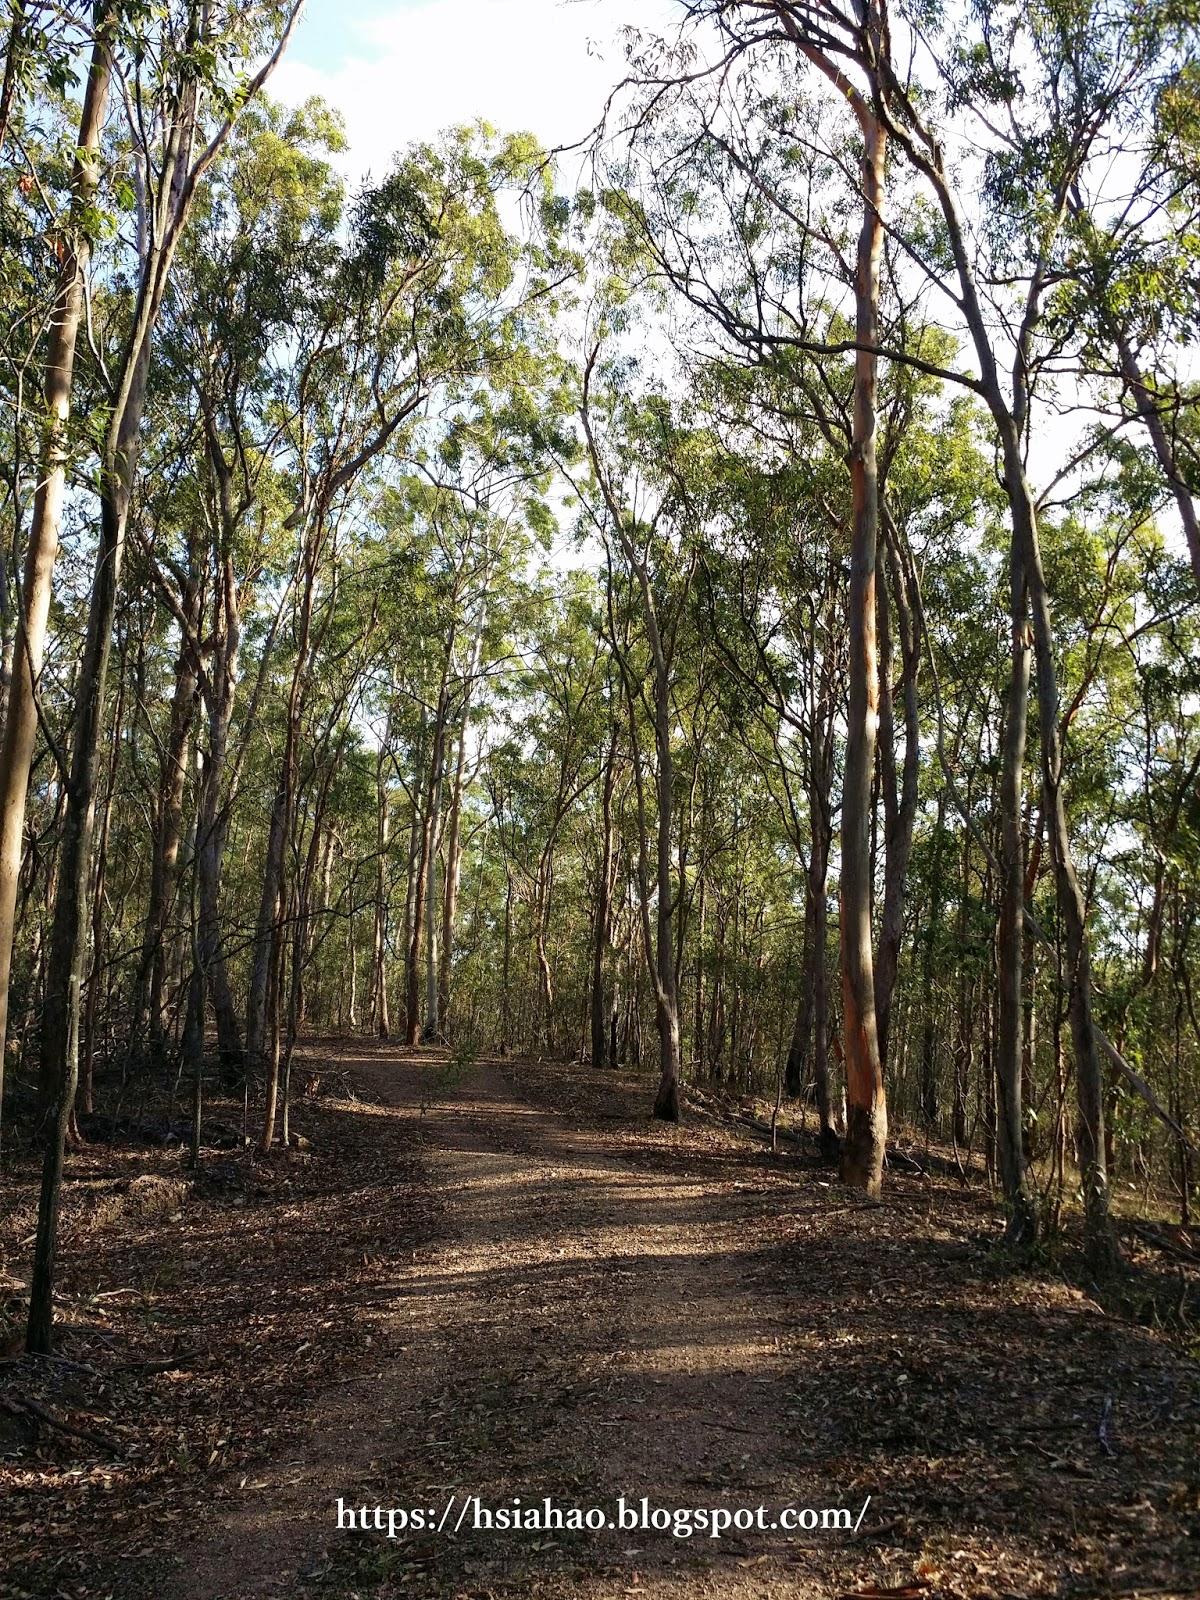 布里斯本-景點-庫薩山-市區-遊記-庫薩山登山步道-行程-Mt. Coot-Tha-Brisbane